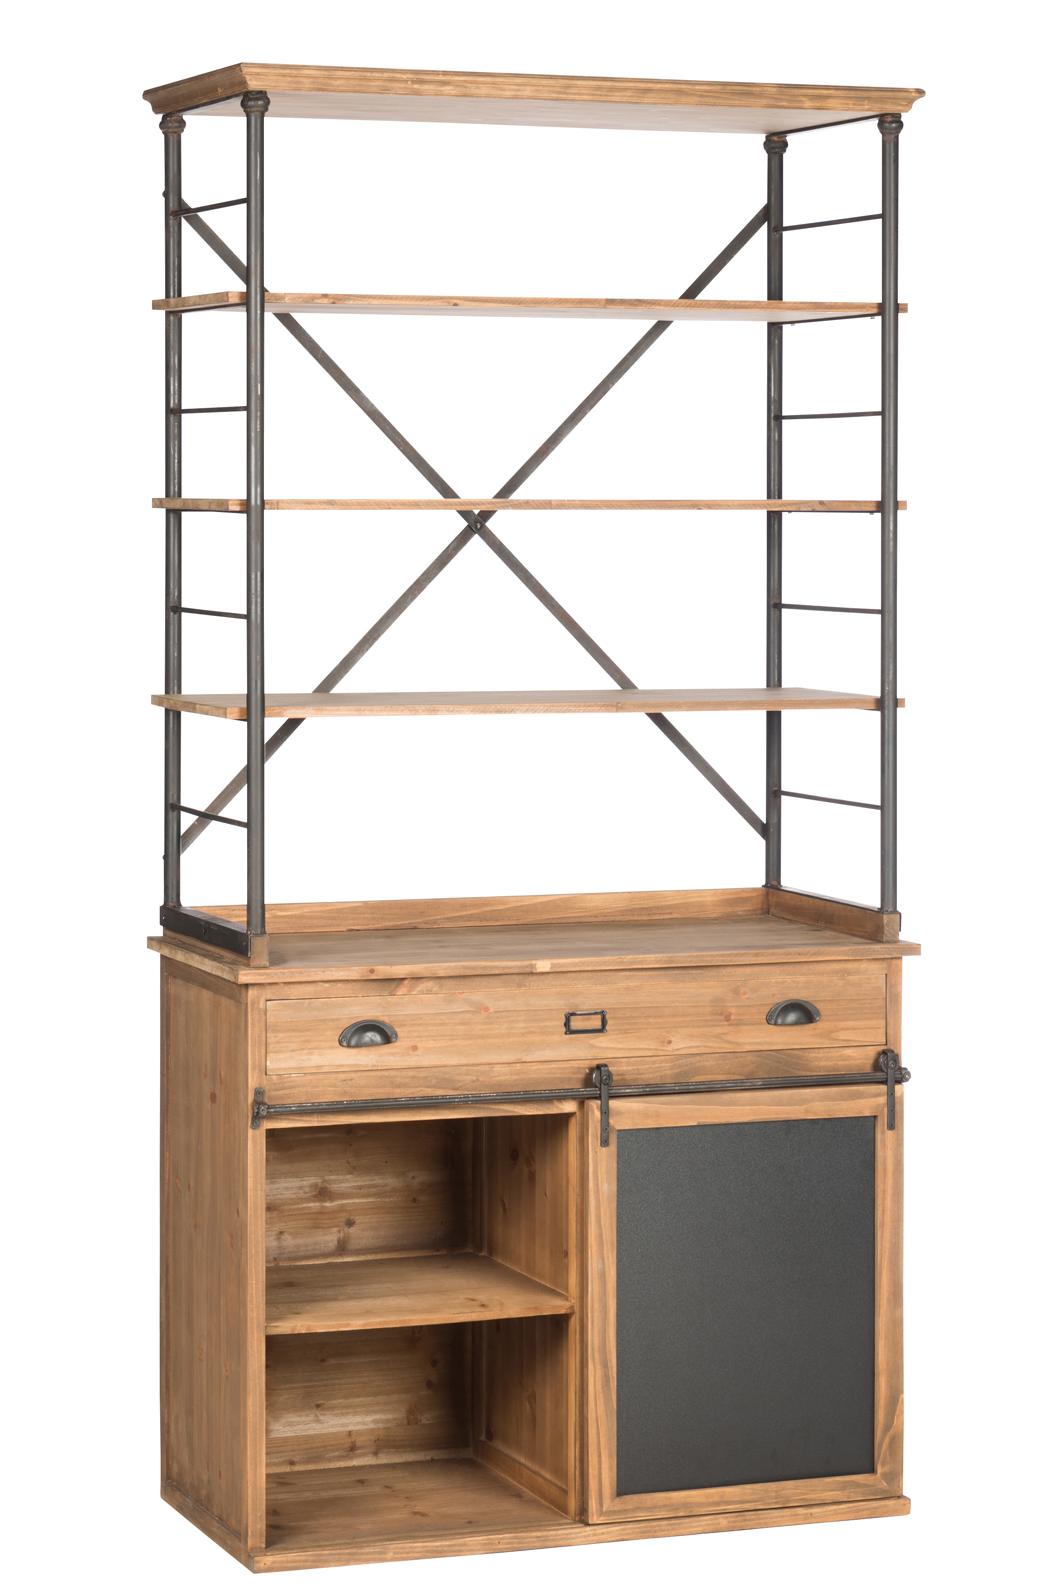 Cuisine Bois Et Metal bahut cuisine bois métal étagères et armoire 100x47x200 cm ref.30022871